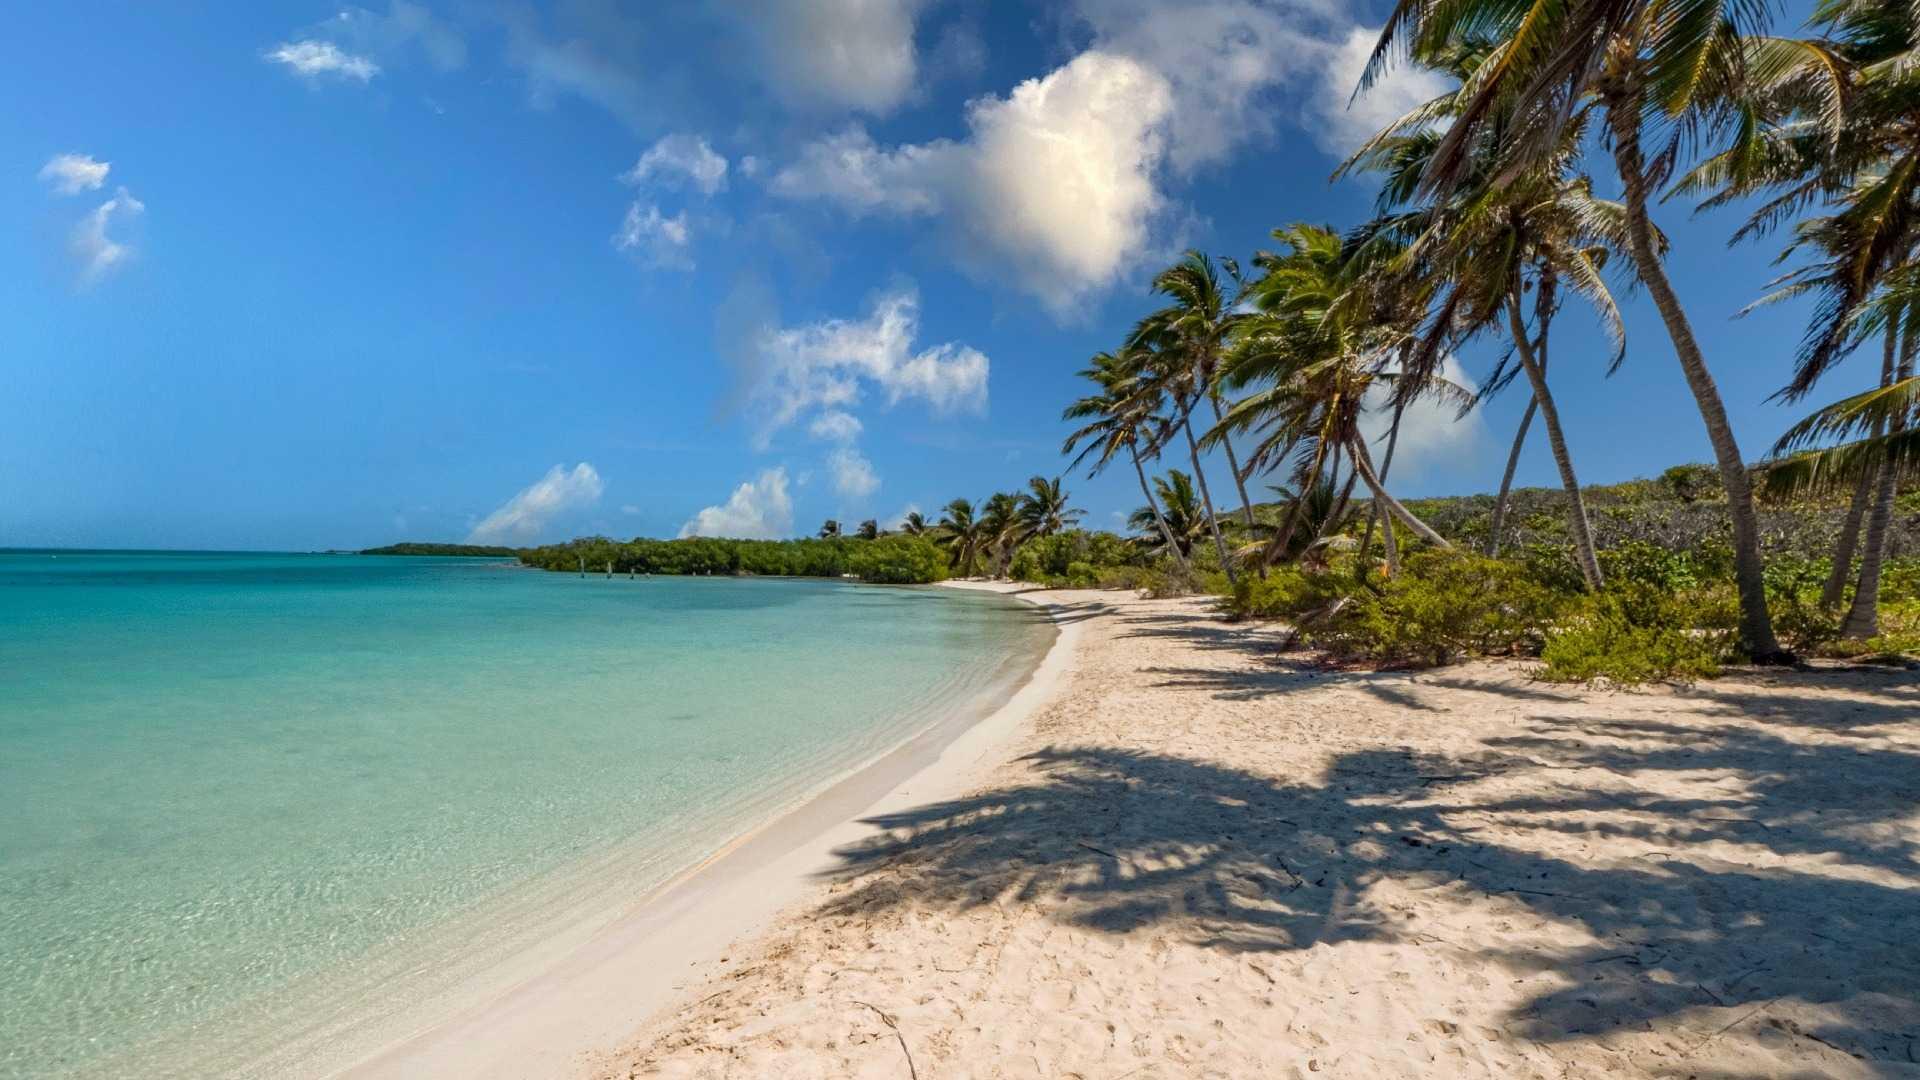 09 - LoRes - Isla Contoy Tour - Beach paradise